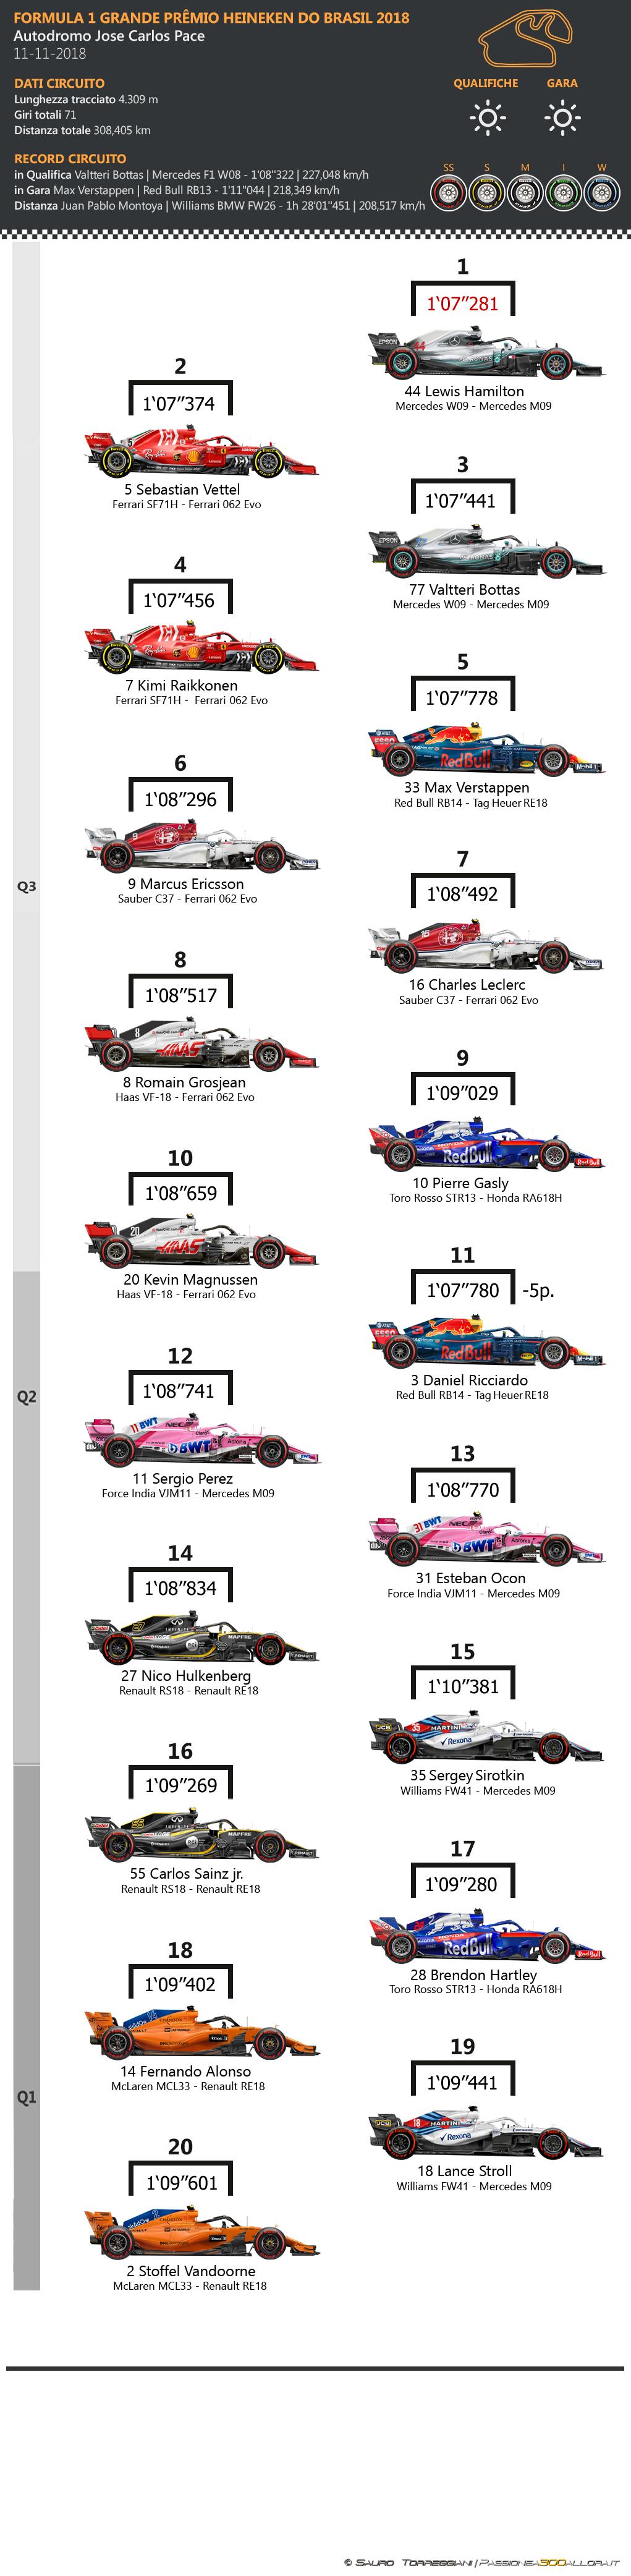 F1   GP del Brasile 2018: griglia di partenza, penalità, set a disposizione 1